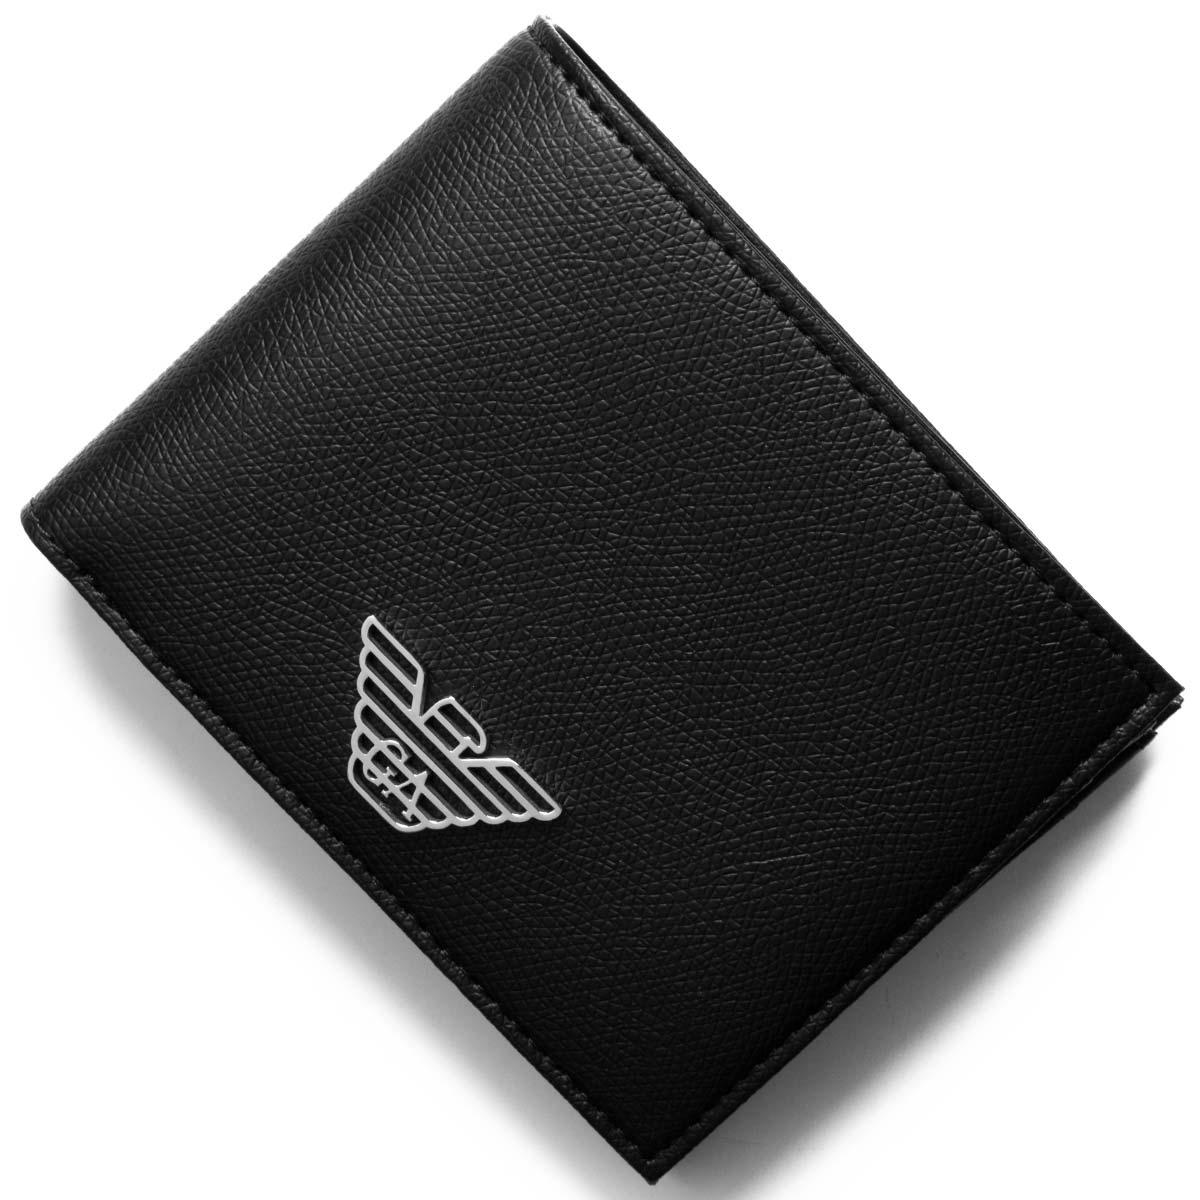 あす楽送料無料 売り込み エンポリオアルマーニ 二つ折り財布 財布 メンズ イーグルマーク Y4R165 EMPORIO 81072 販売期間 限定のお得なタイムセール ARMANI YLA0E ブラック